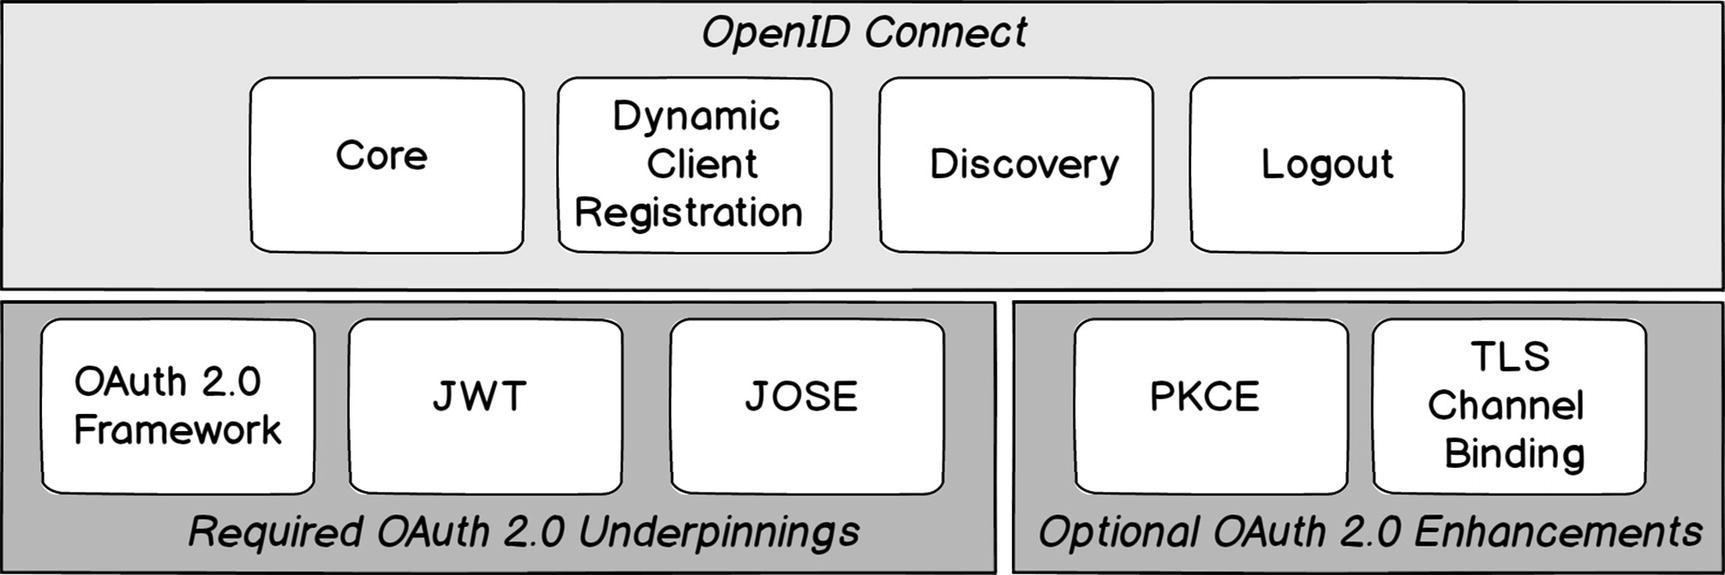 OpenID Connect | SpringerLink